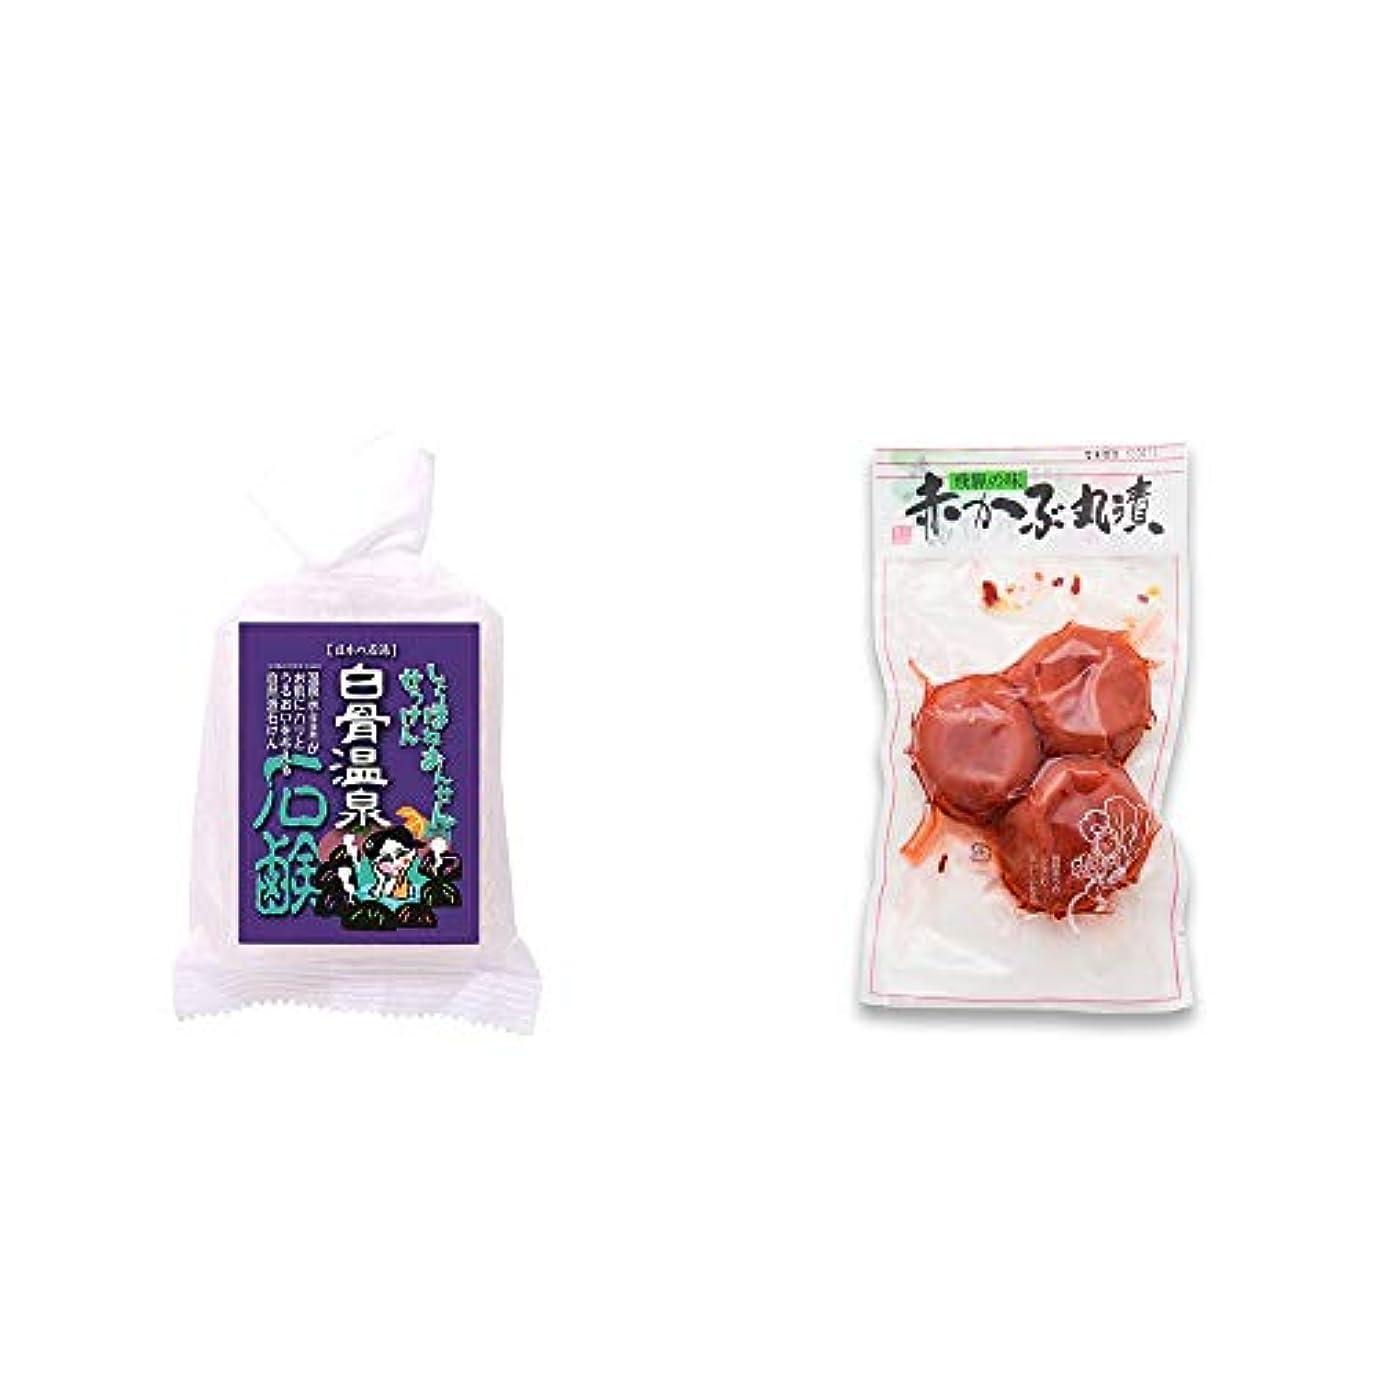 くびれたバーベキュービジョン[2点セット] 信州 白骨温泉石鹸(80g)?赤かぶ丸漬け(150g)